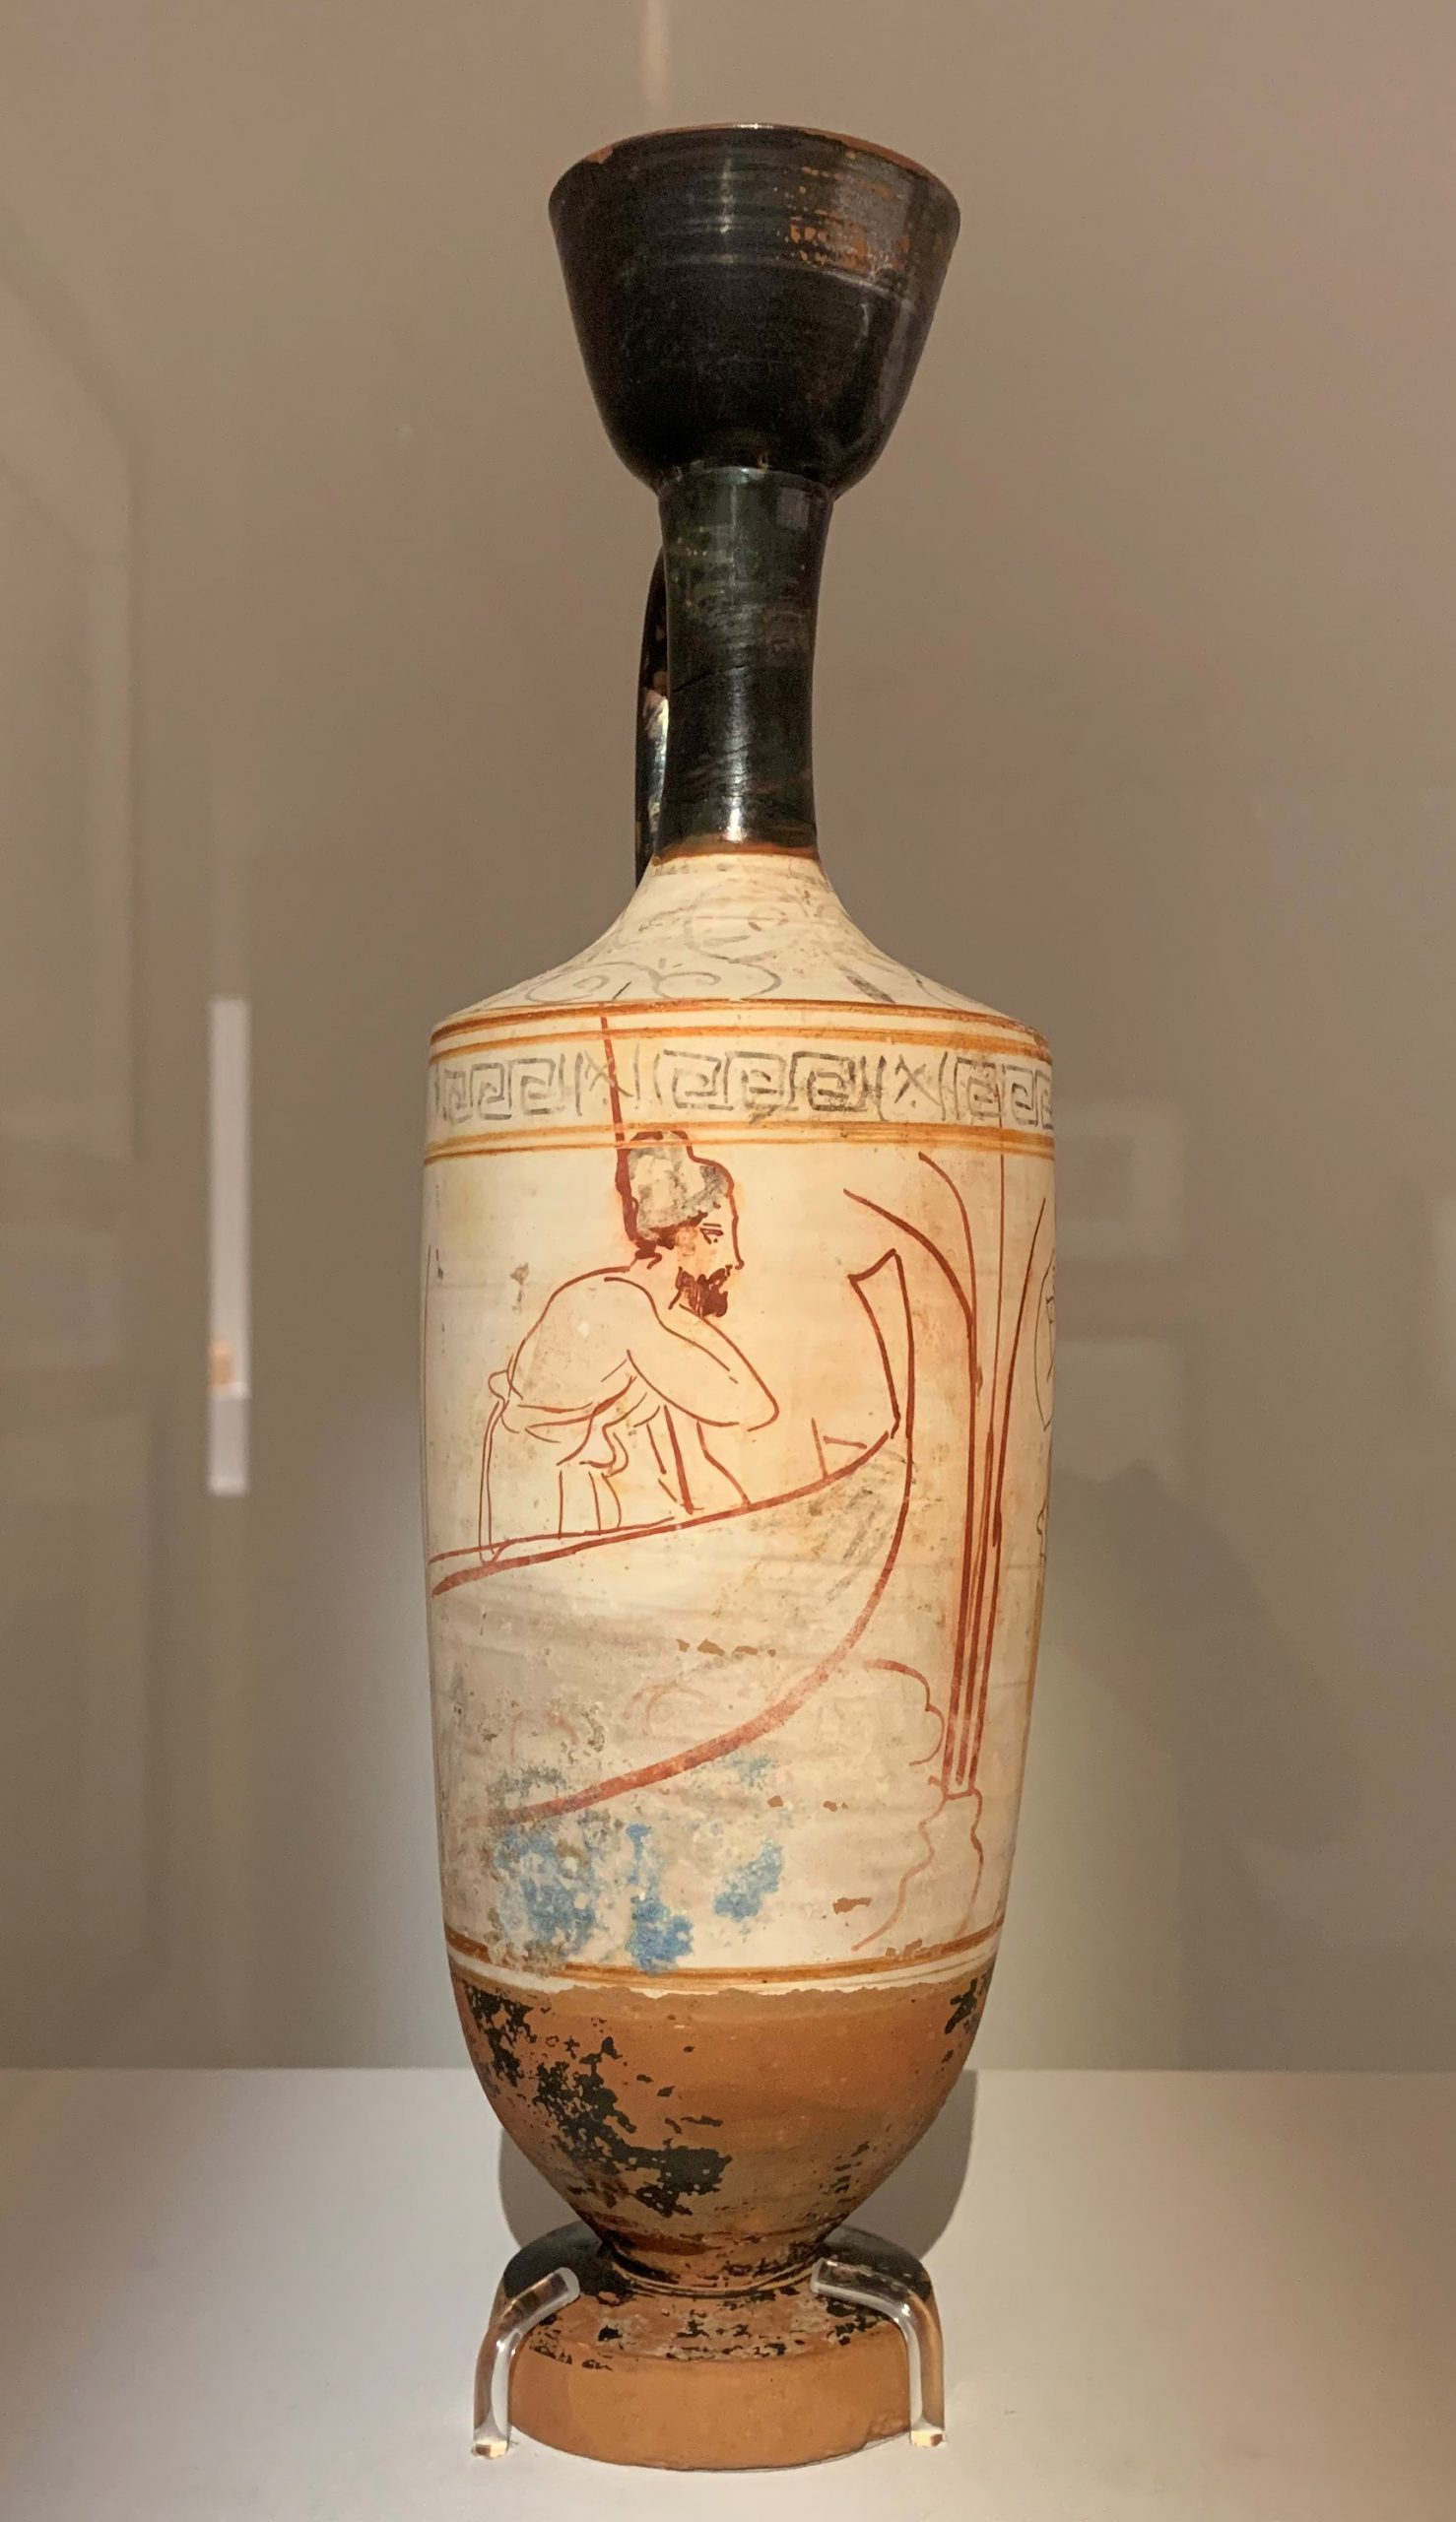 キクラデス博物館 Museum of Cycladic Arts-アテネ-ギリシャ-撮影:劉雲昊2019.9.9